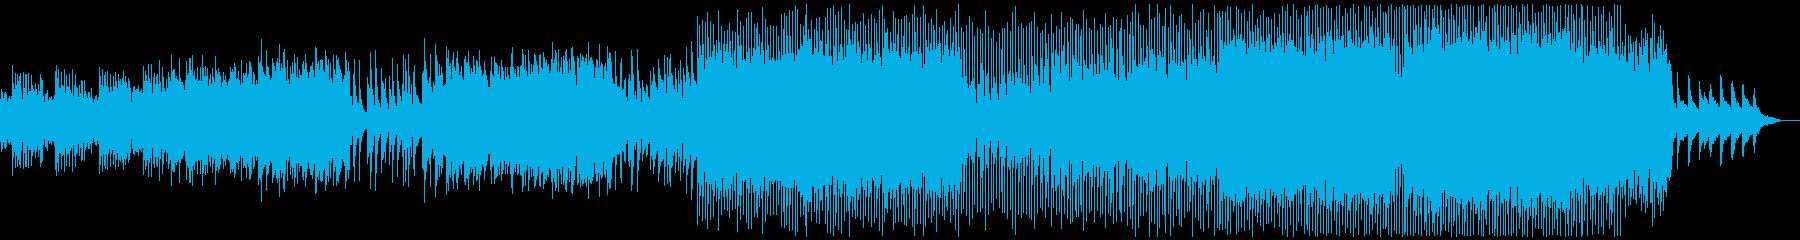 壮大で感動的!アコギ・ピアノ・バイオリンの再生済みの波形